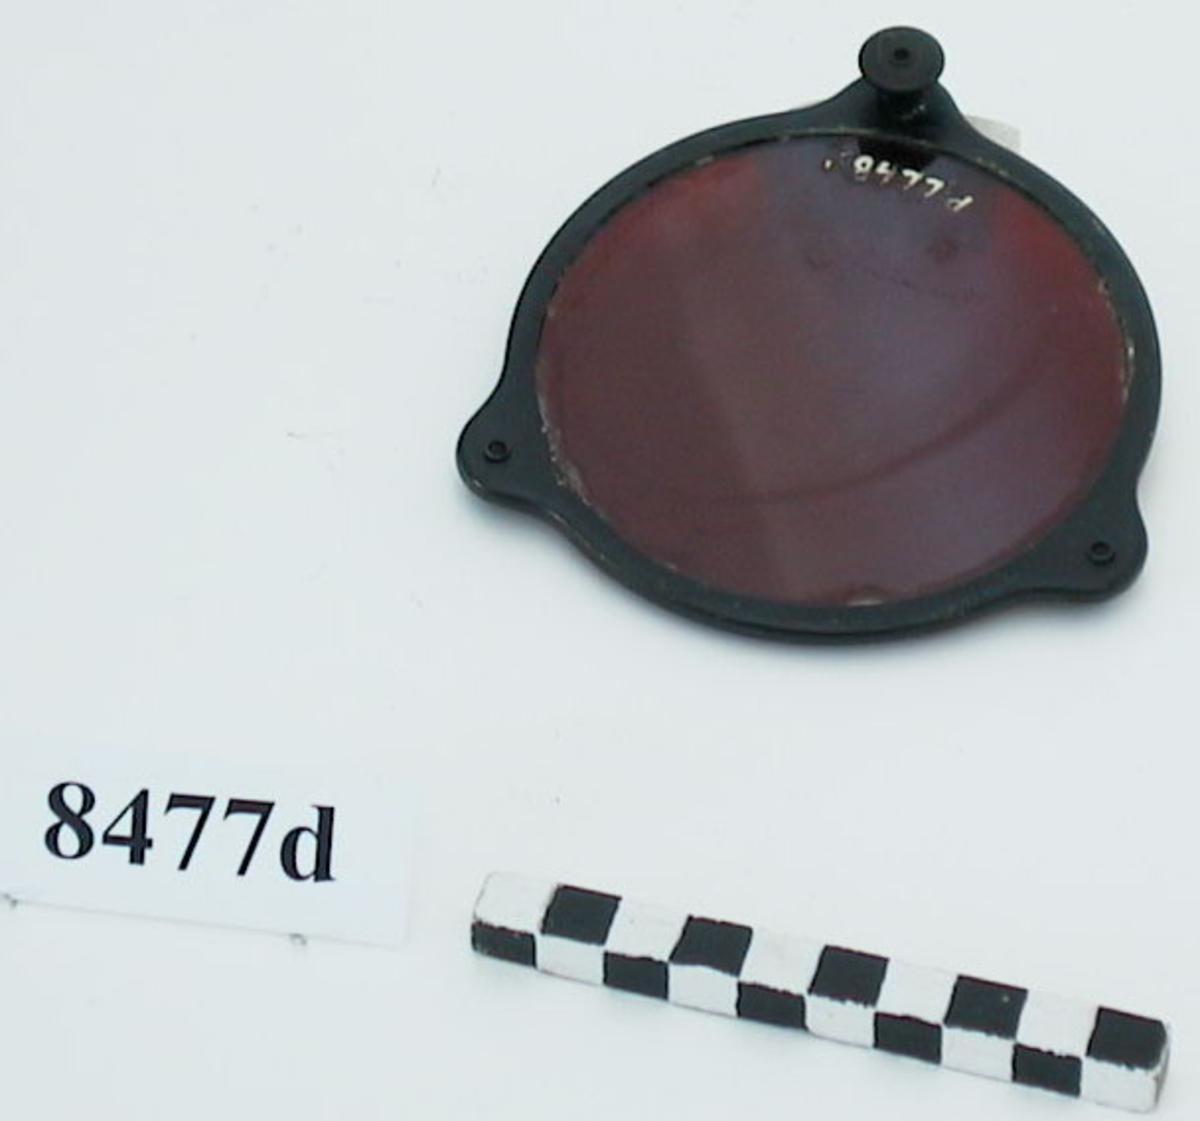 Metallram som innefattar ett rödfärgat glas. Metallramen har tre öron. På två av dem sitter hakar som fäster runt lampans fläns. På det tredje sitter en fjäderbelastad kolv som kan dras ut och sedan fäster utanför flänsens kant.